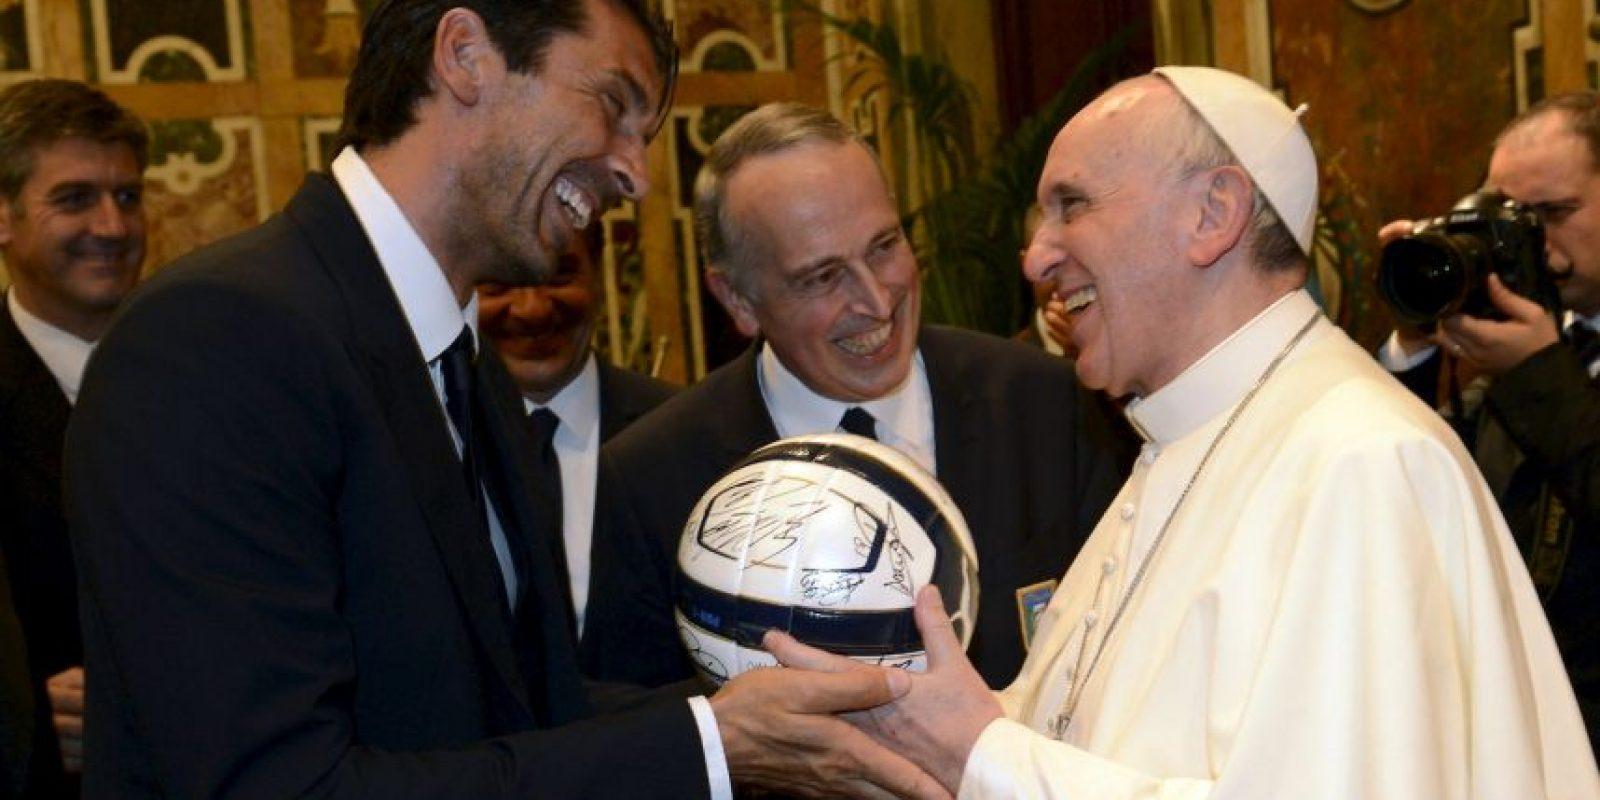 De acuerdo al Premio Nobel de la Paz, Desmond Tutu, expresó su admiración al Pontífice. Foto:Getty Images